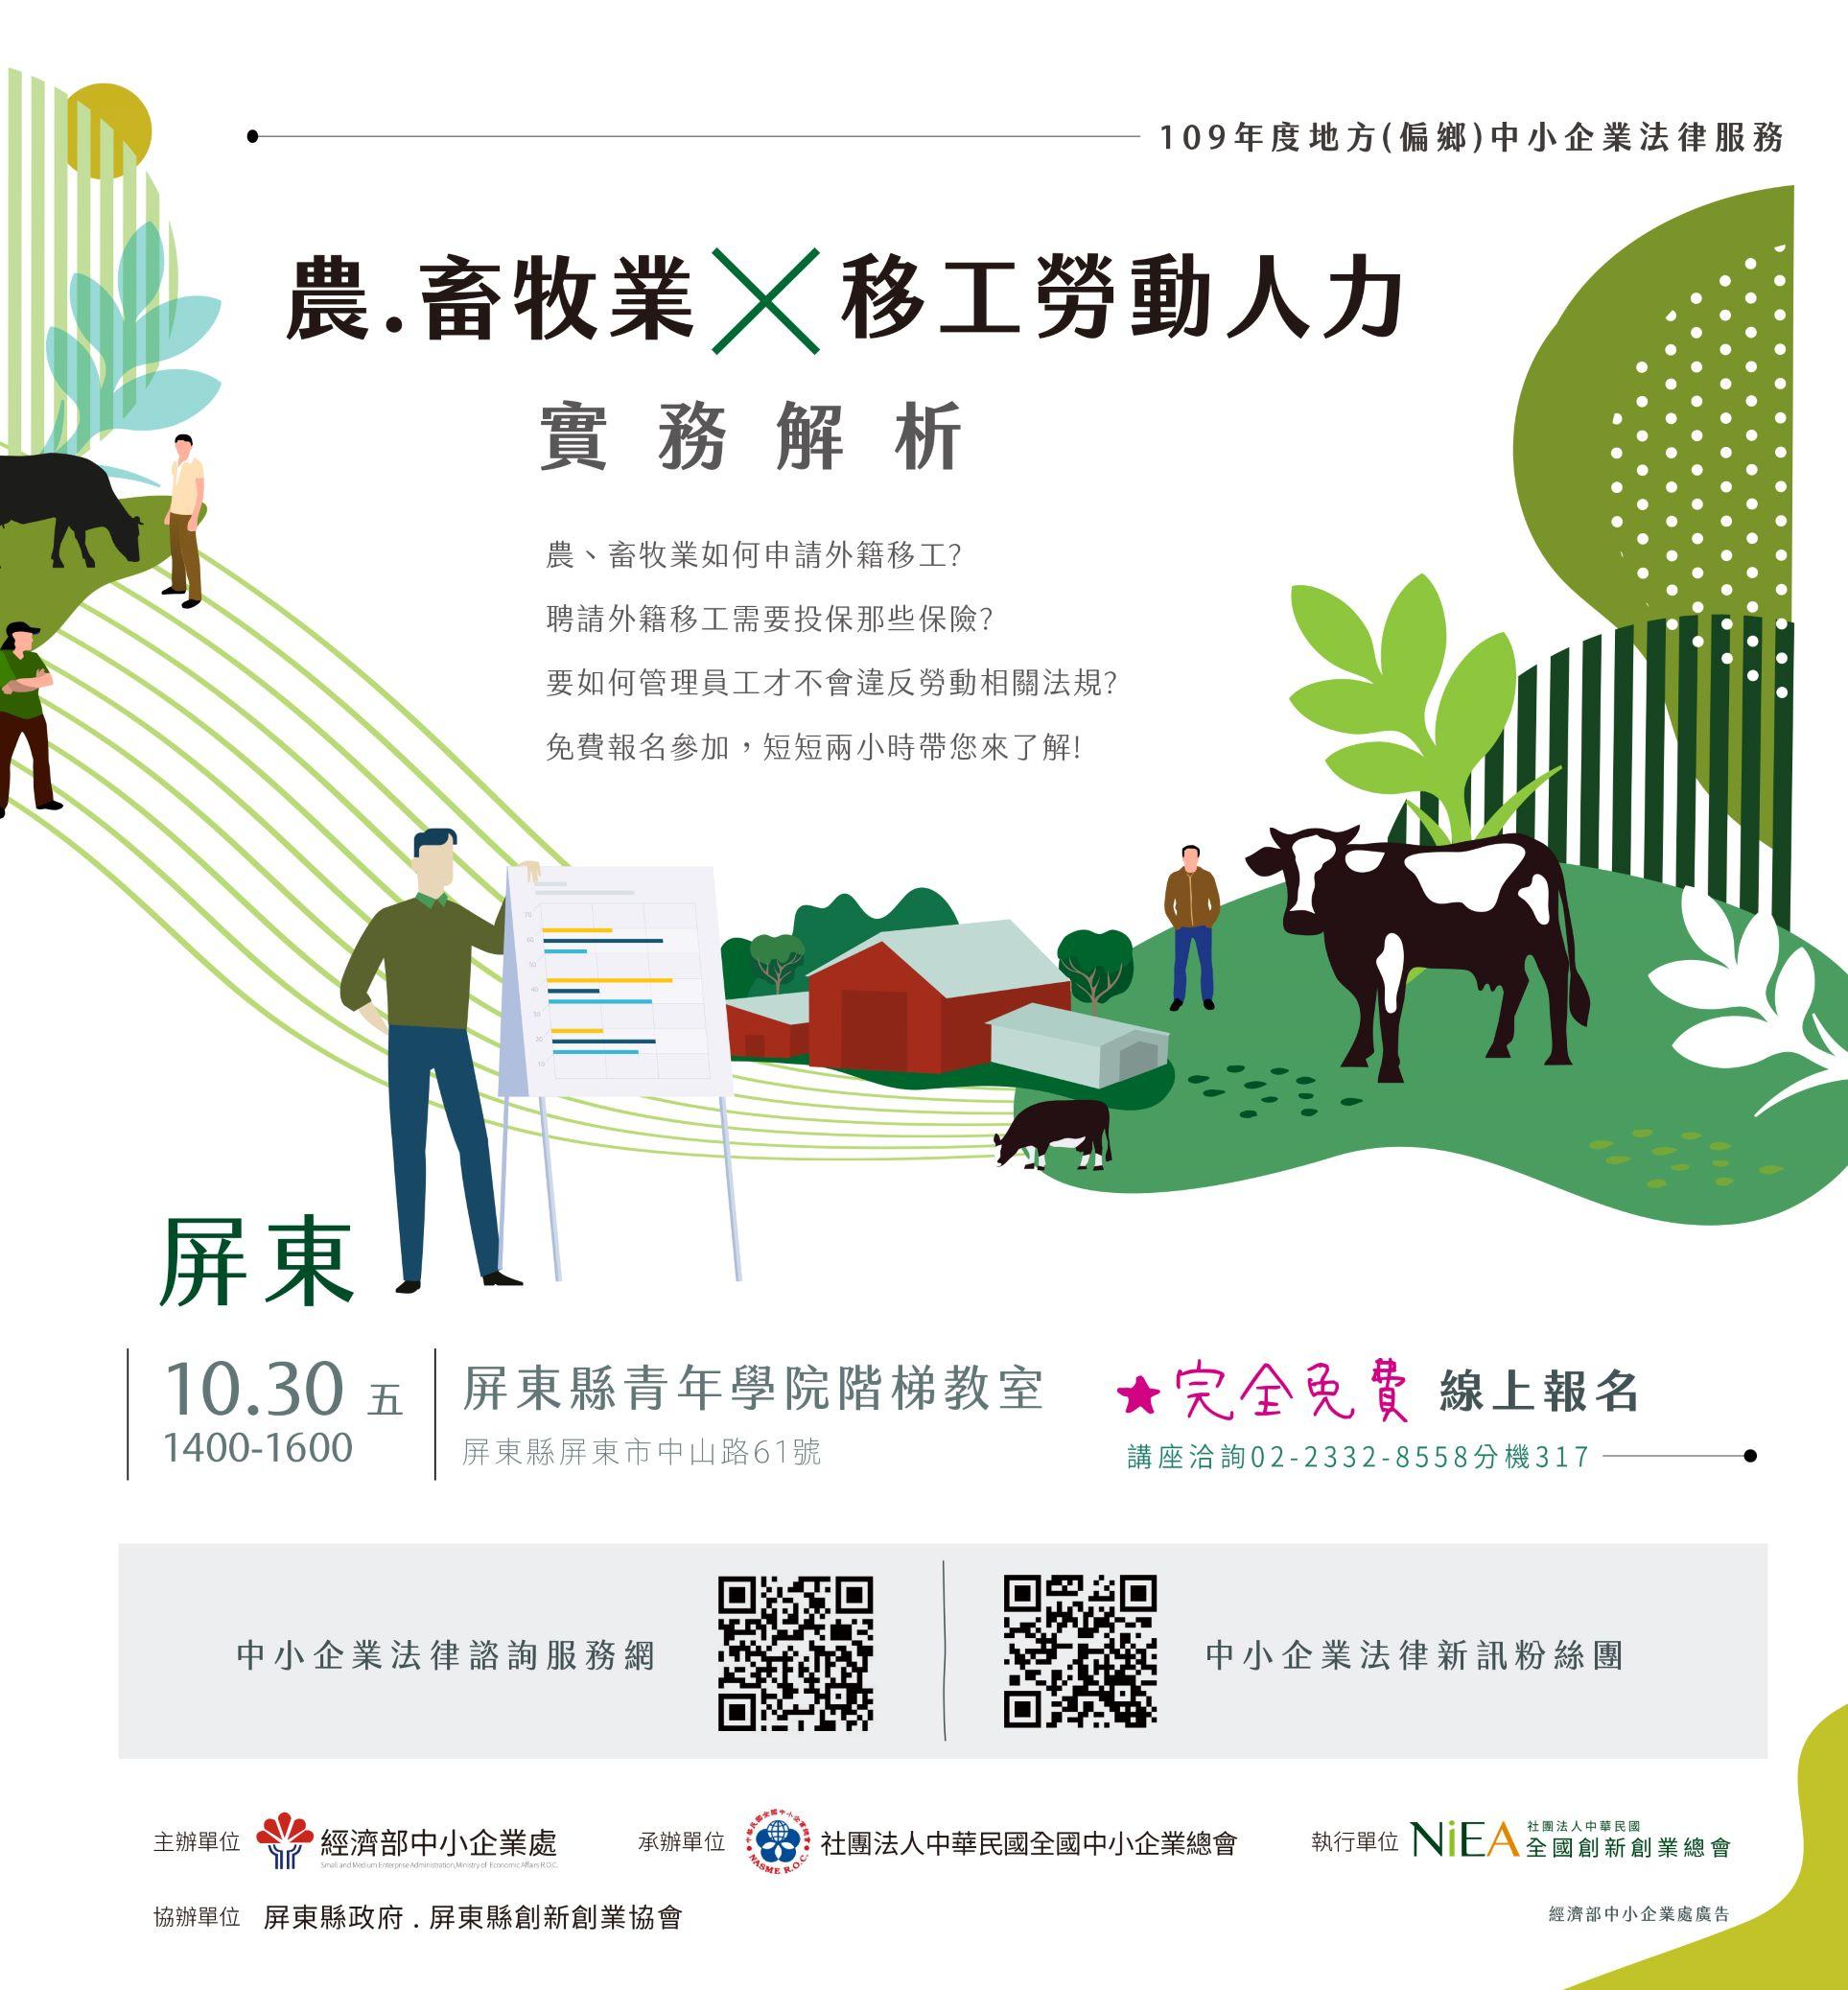 10/30(五)屏東-農、畜牧業移工勞動人力實務解析-地方中小企業法律服務的活動EDM